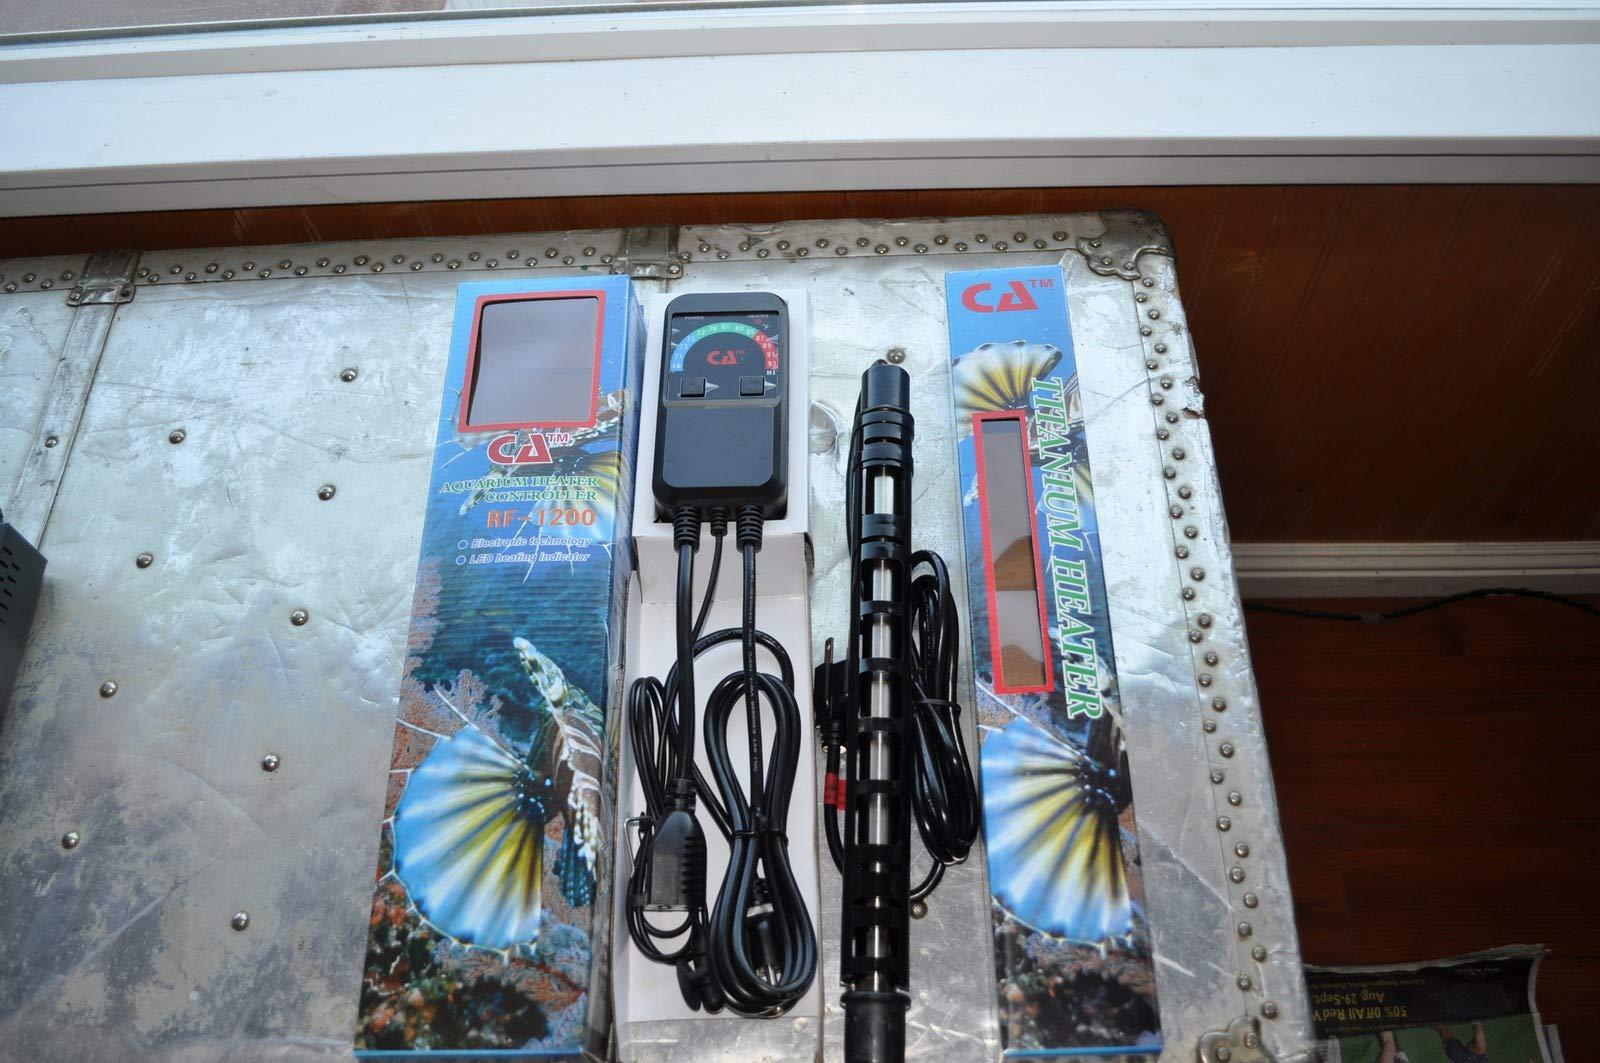 800 Watt Catalina Titanium Aquarium Heater and Controller